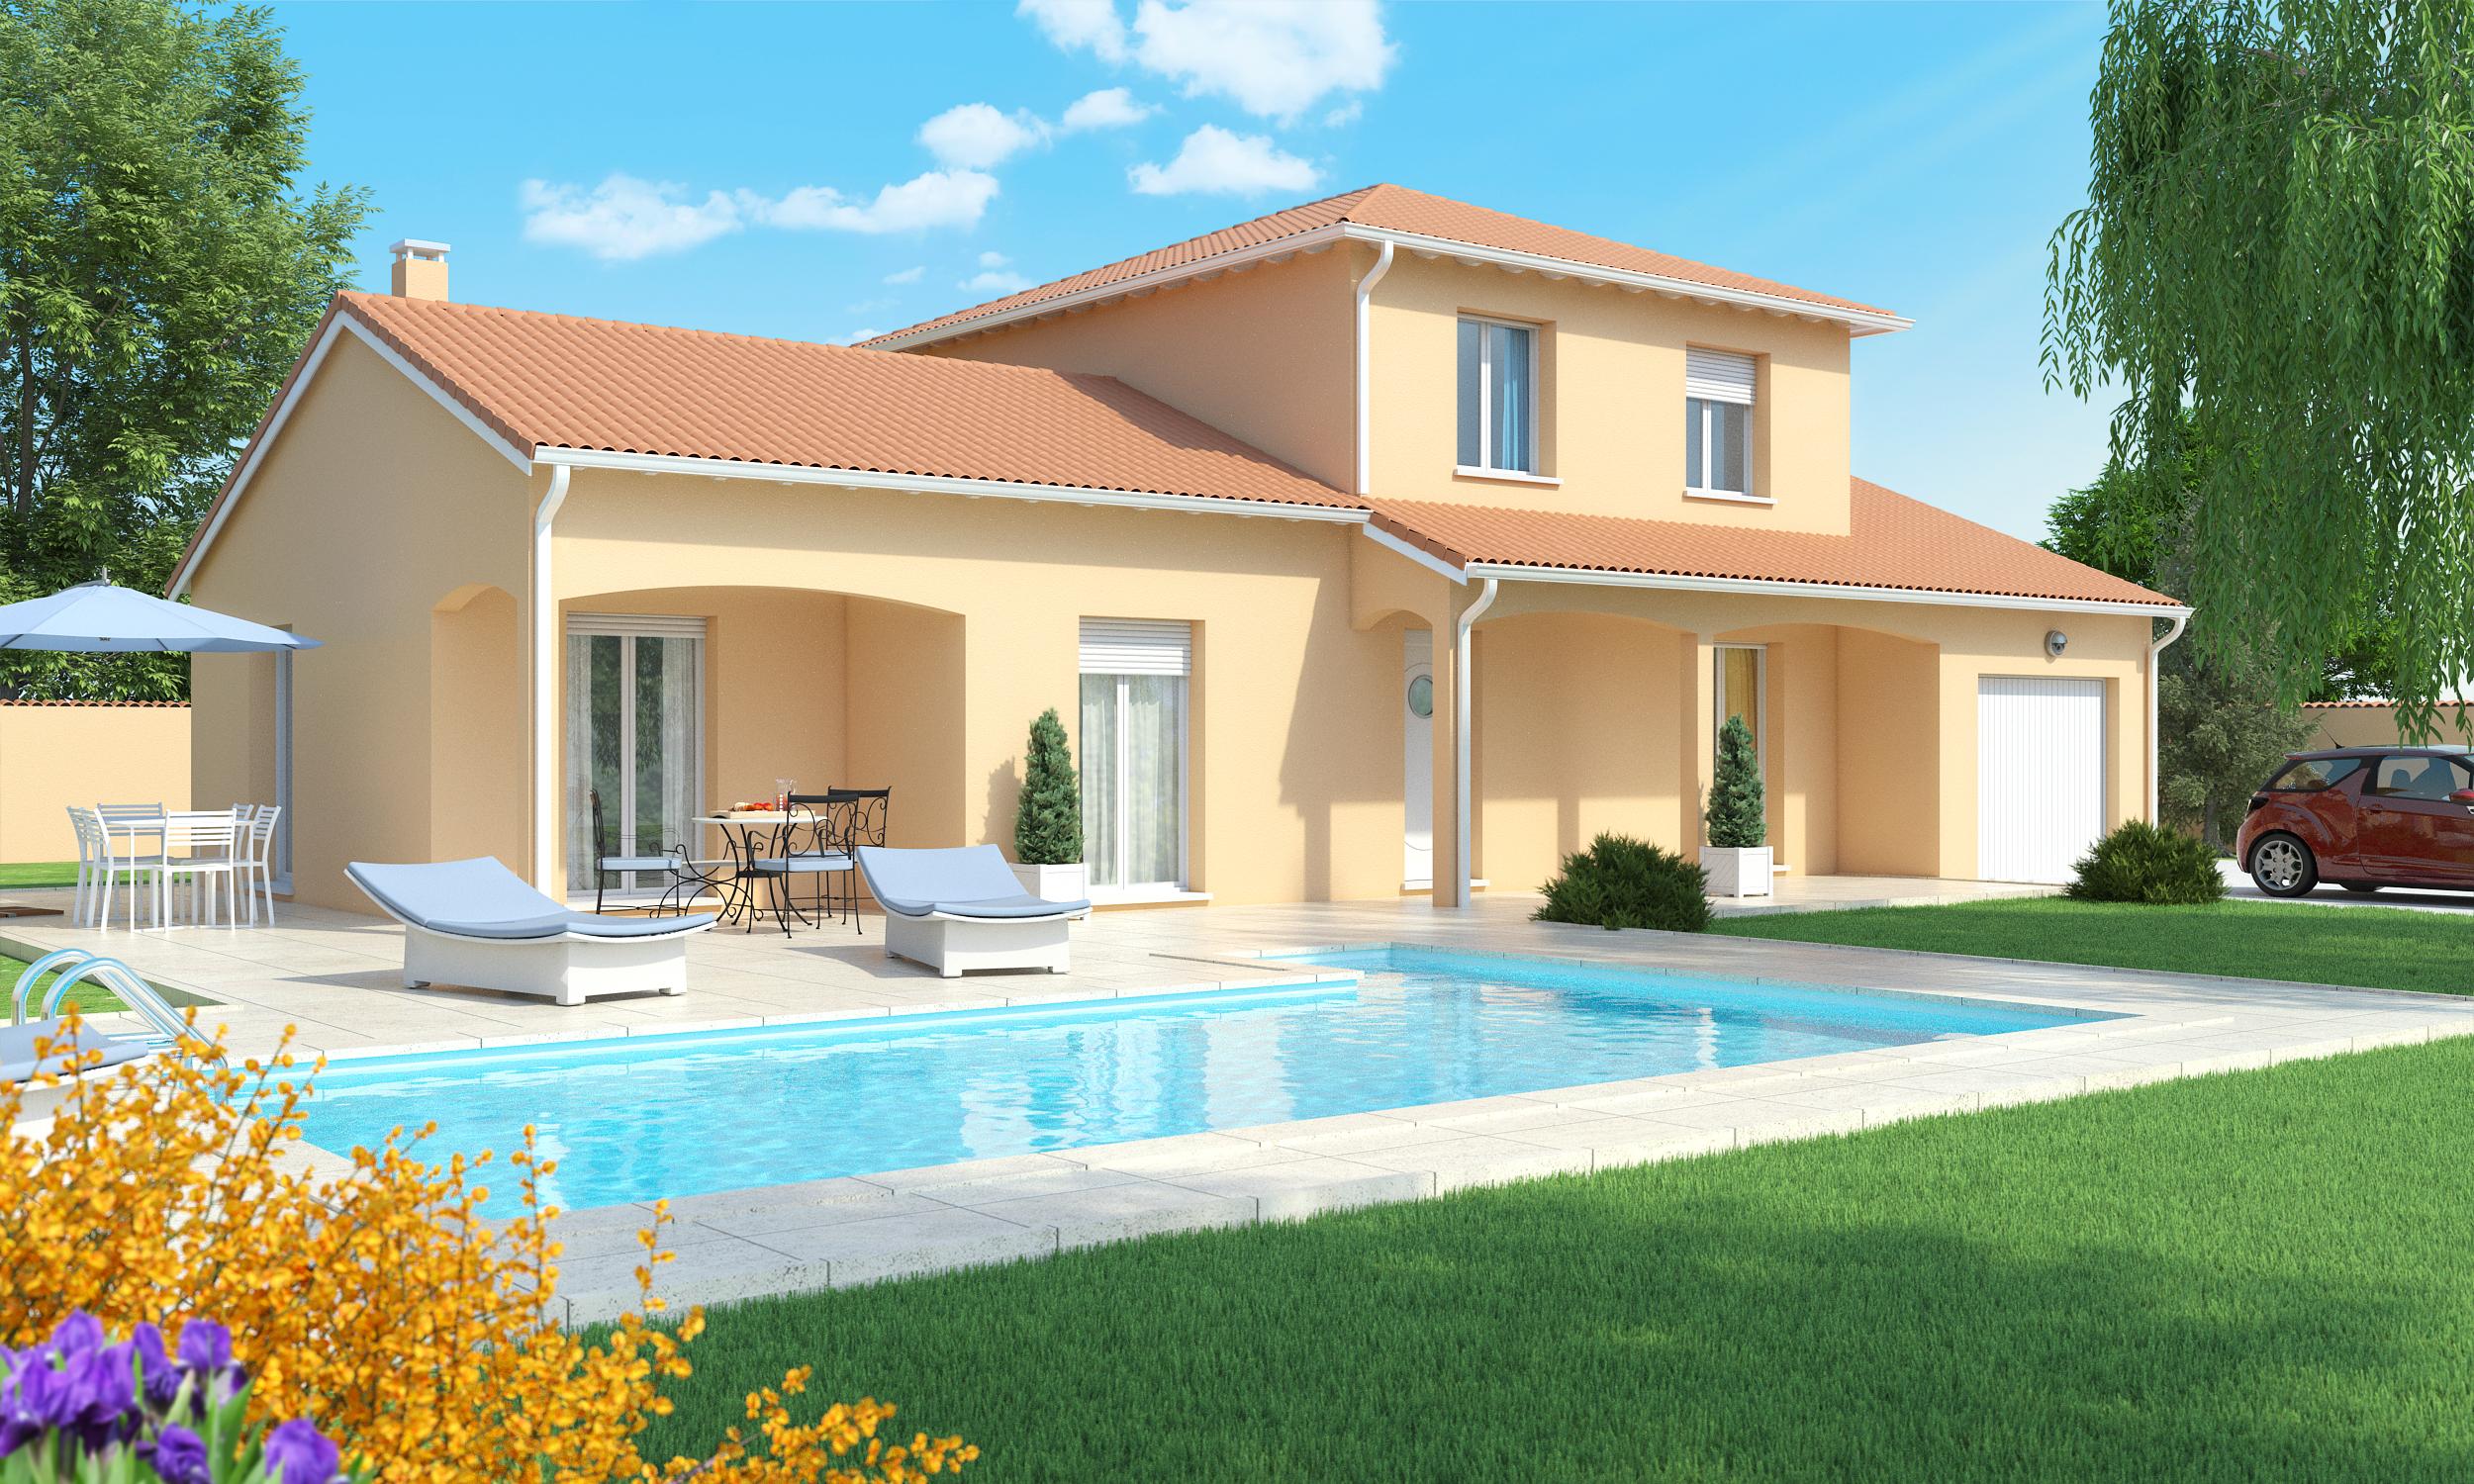 Maison proche issoire 3 chambres for Porche maison moderne